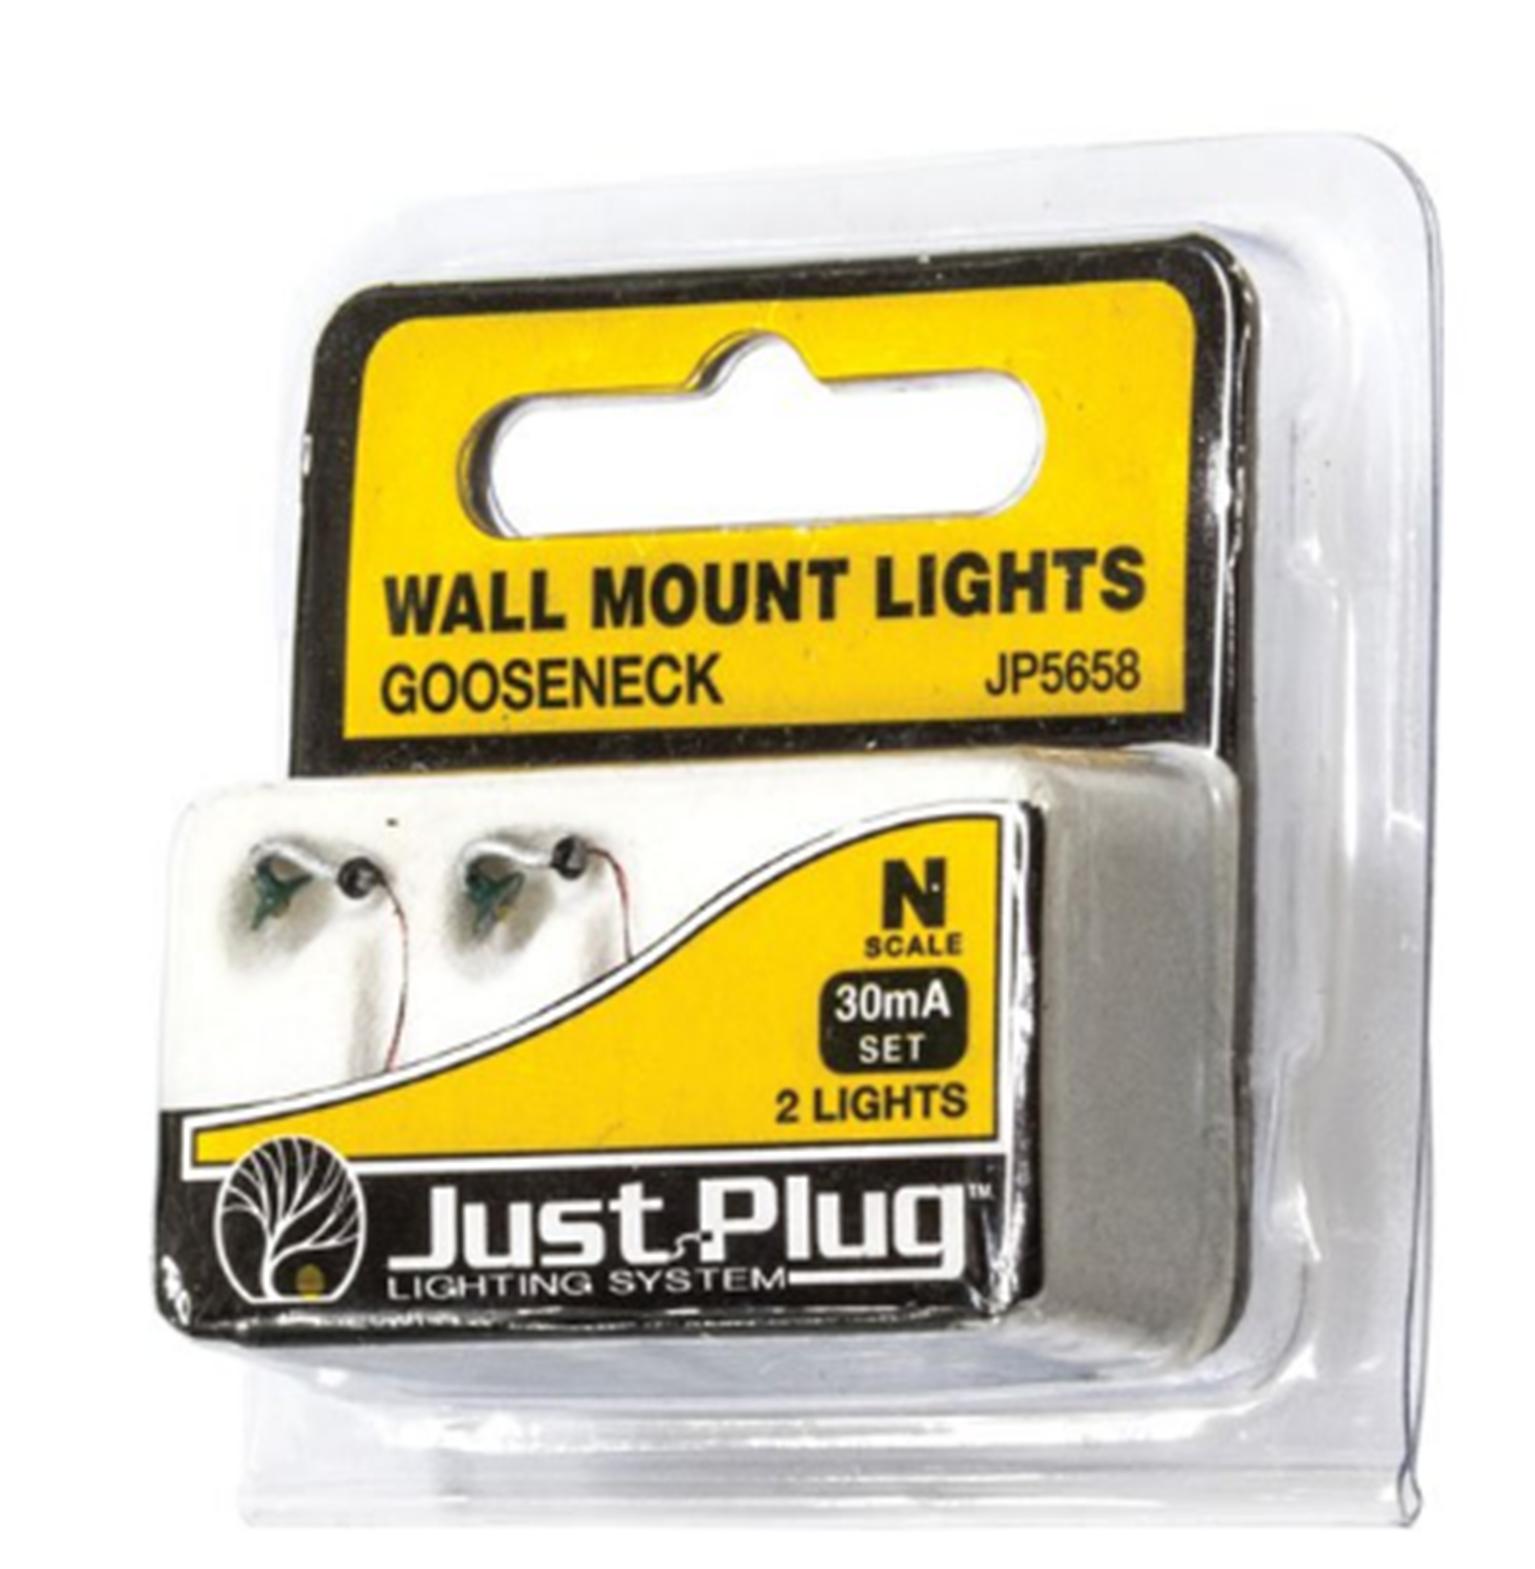 Gooseneck Wall Mount Lights - N Scale